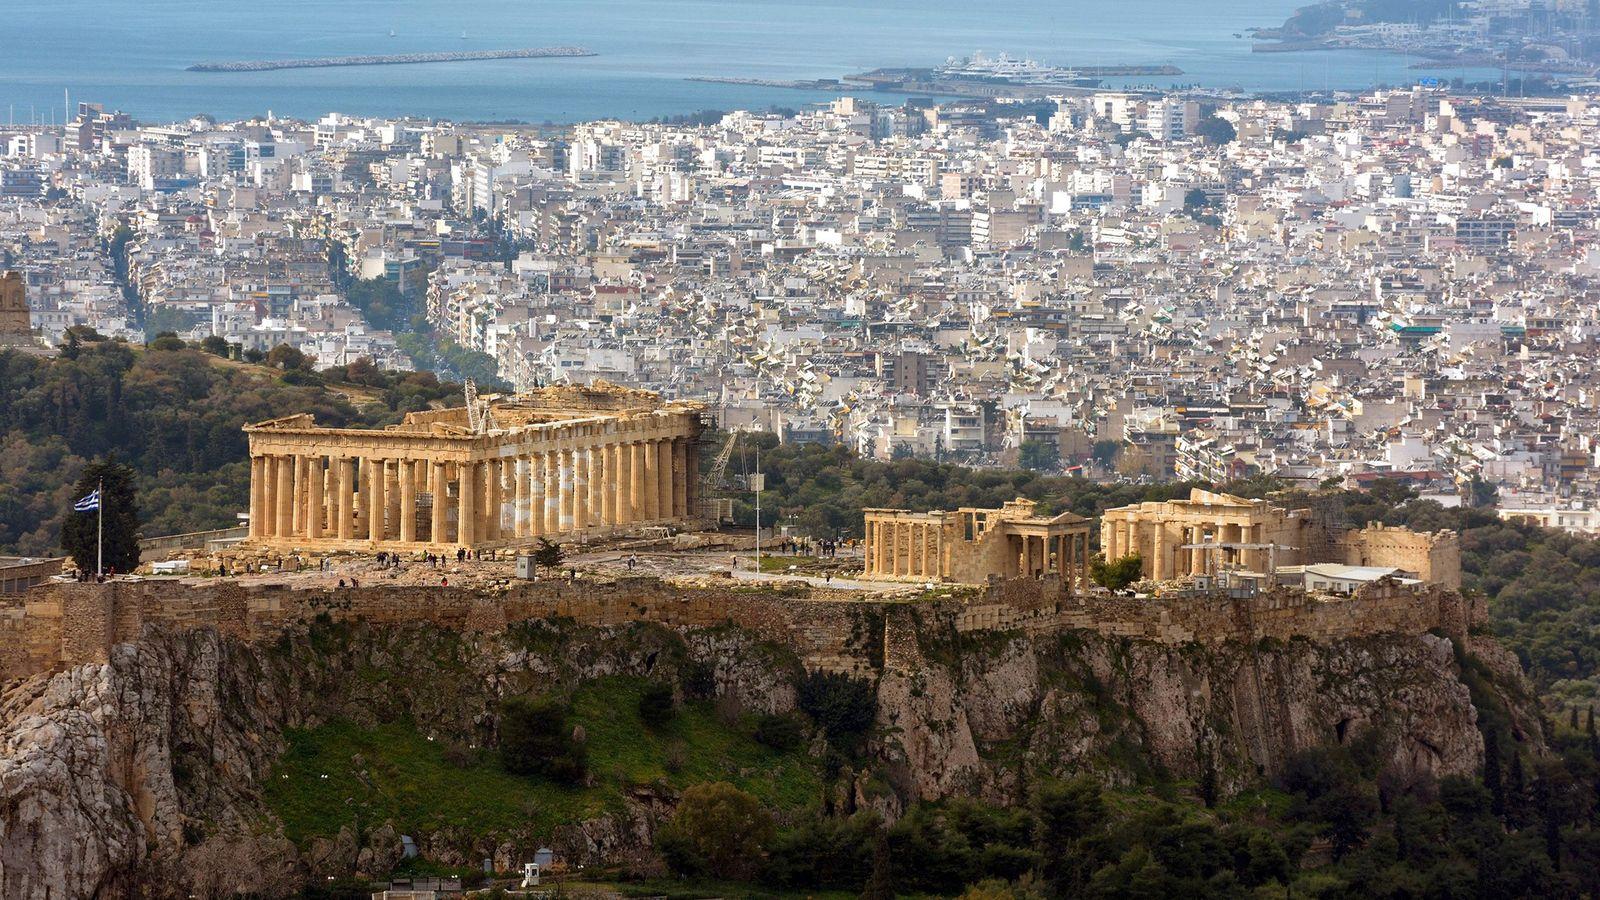 Les merveilles architecturales de l'antiquité sont omniprésentes dans l'Acropole d'Athènes.